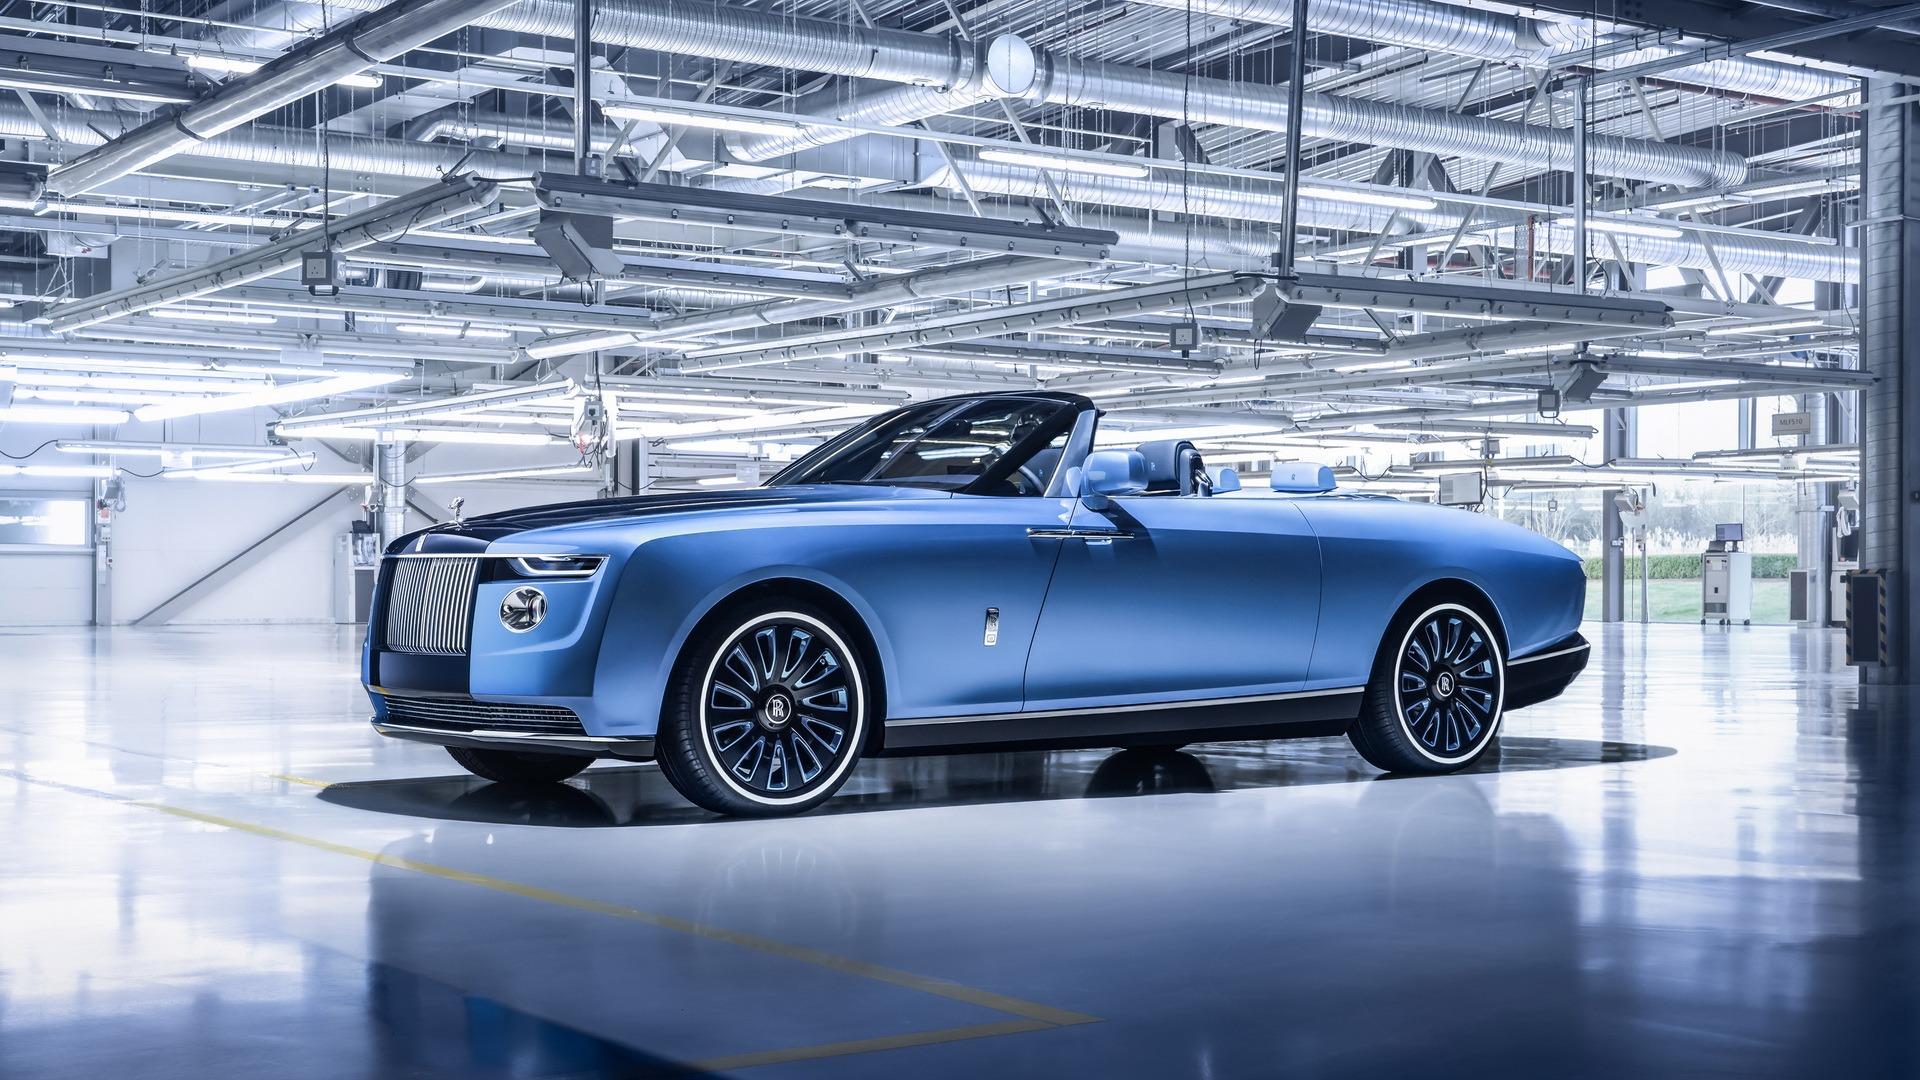 O Rolls Royce mais caro do mundo, um dos modelos pertence aos músicos Jay-z e Beyoncé